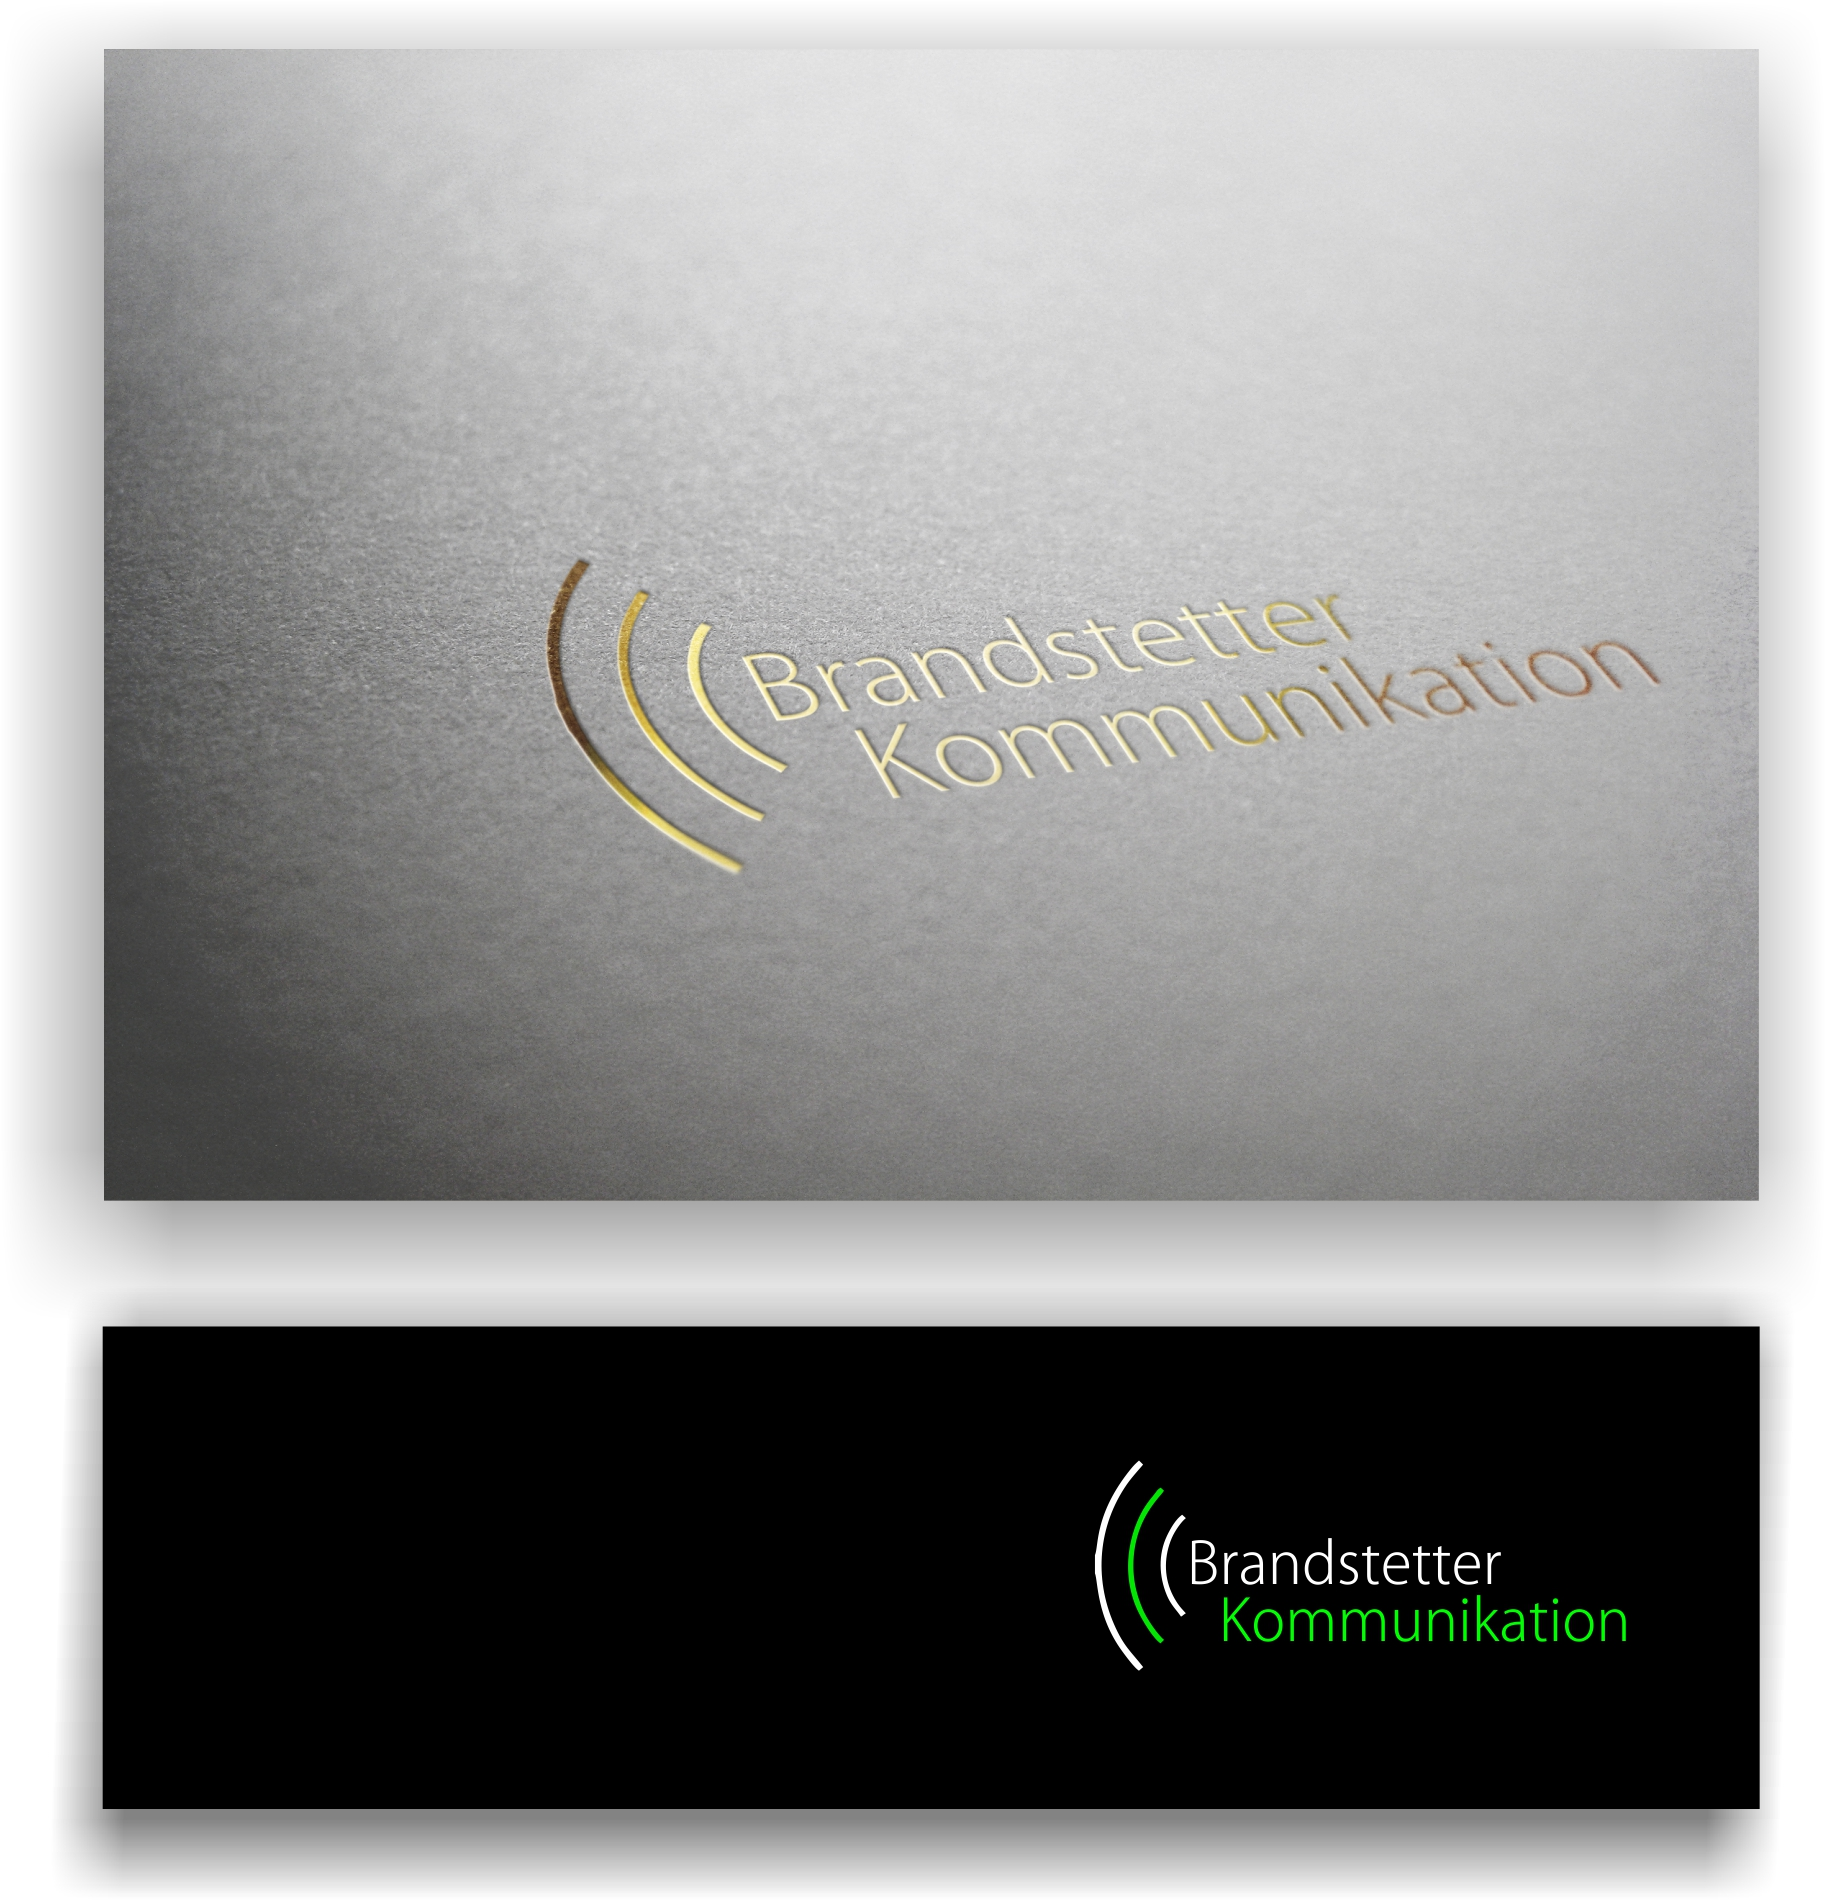 design #231 of Prodesign2200